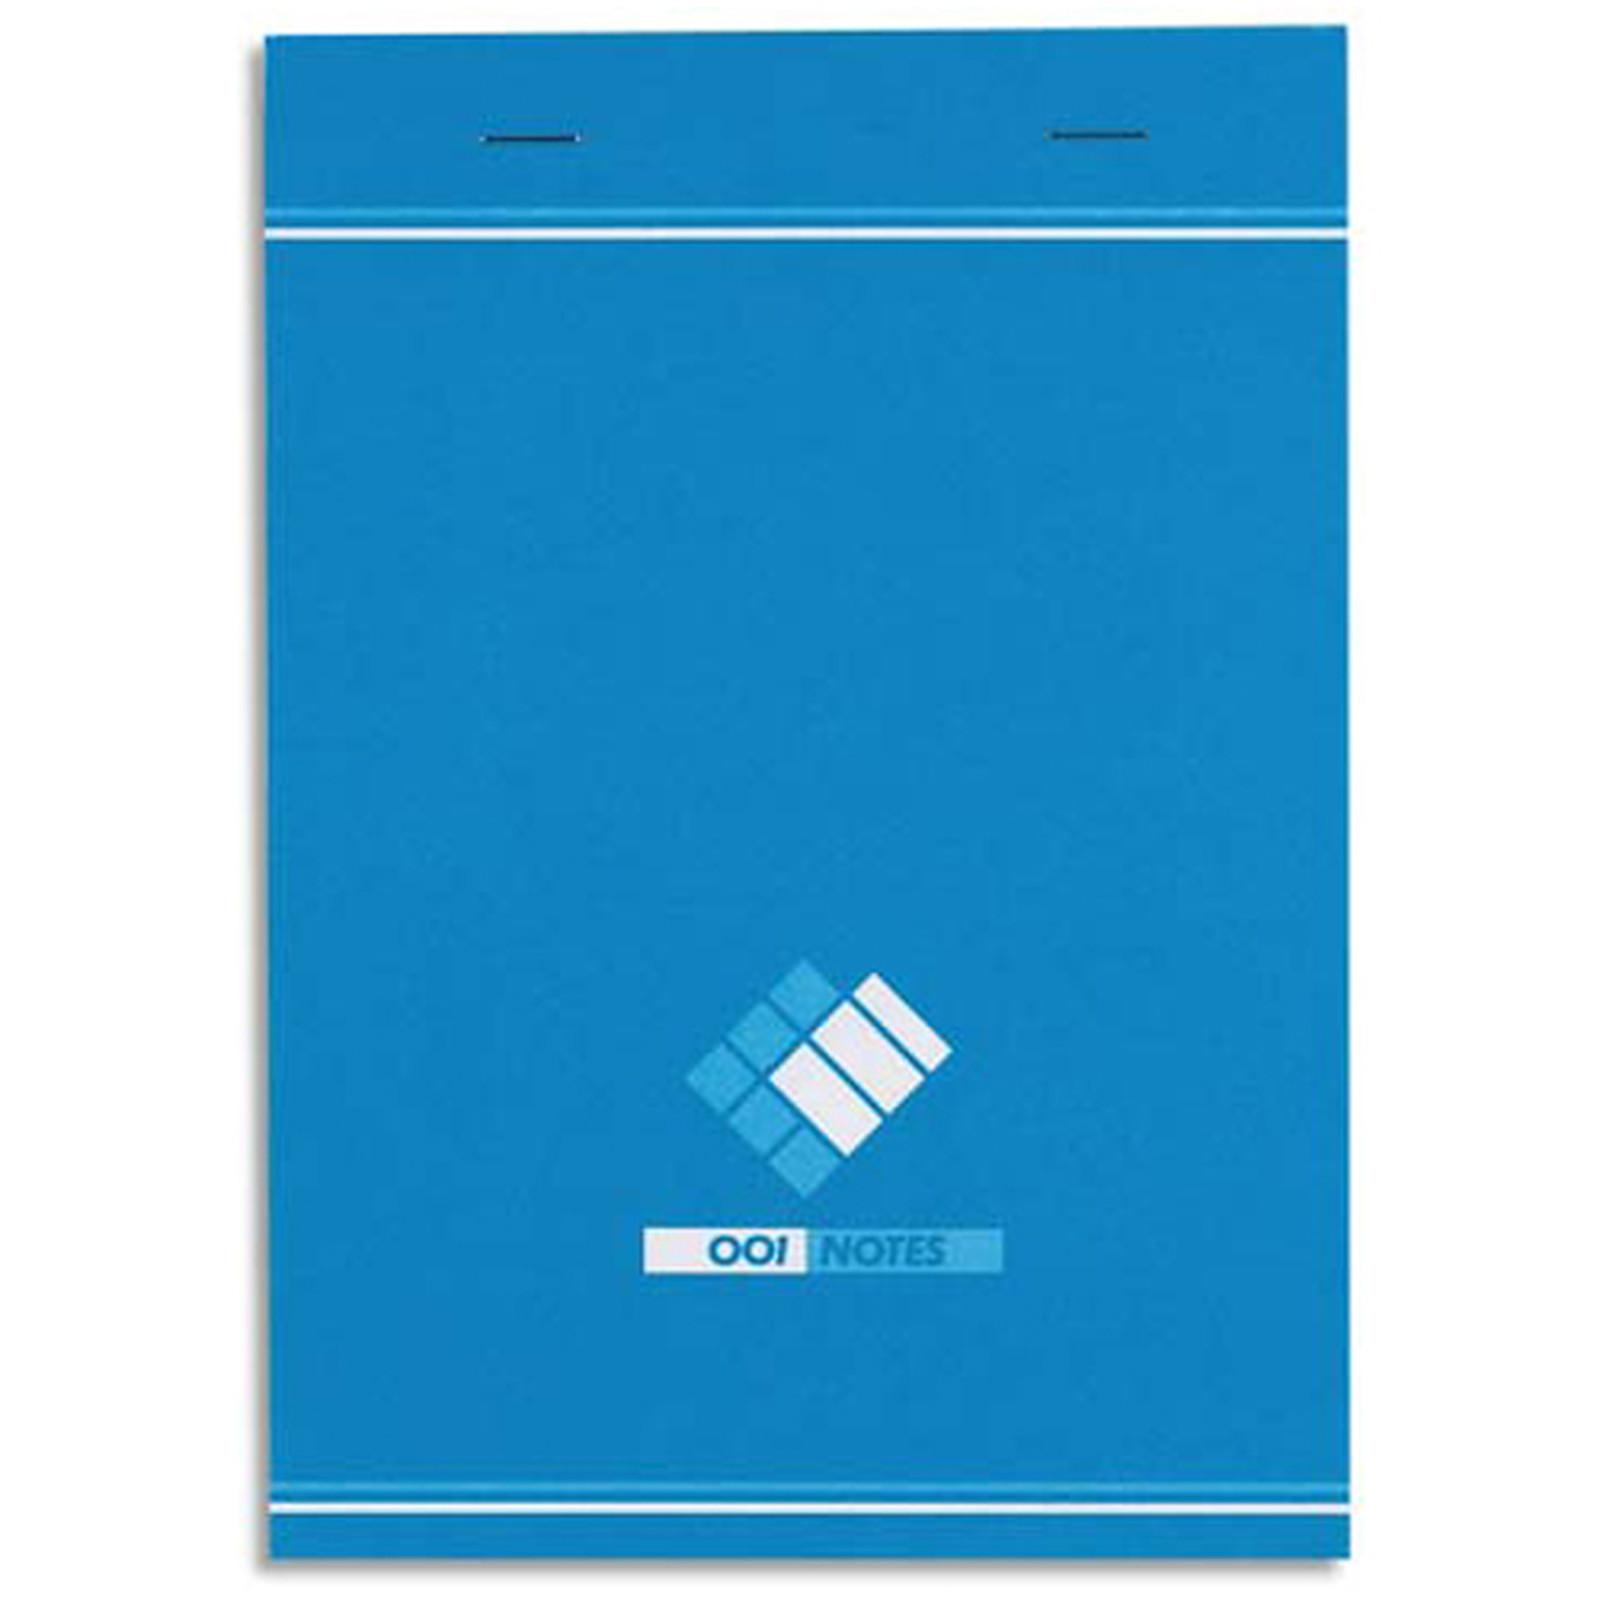 Oxford Bloc 001 Bloc notes 200 pages 148 x 210 mm petits carreaux 60g (x40)